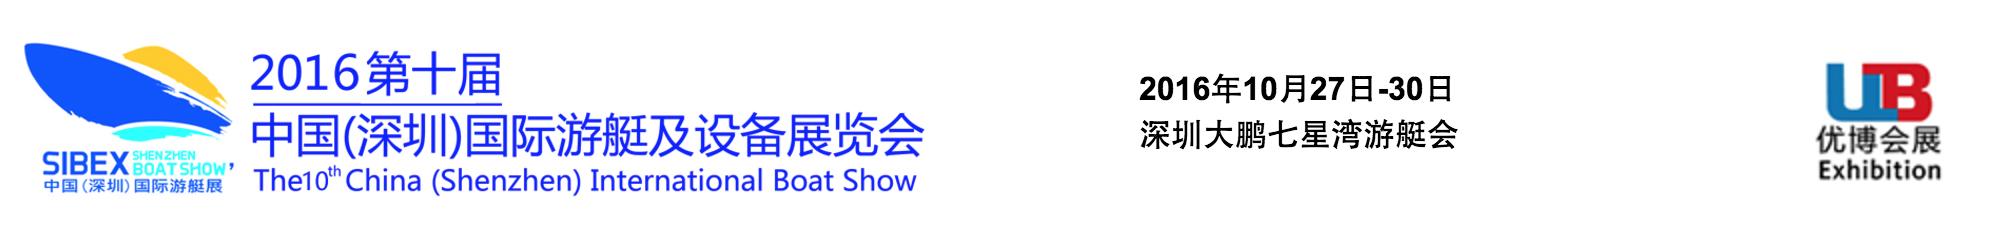 国际,珠海国际,会展中心,展览会,博览会 【最新展会】2016年10月至2017年中国国际游艇展目录表 屏幕快照